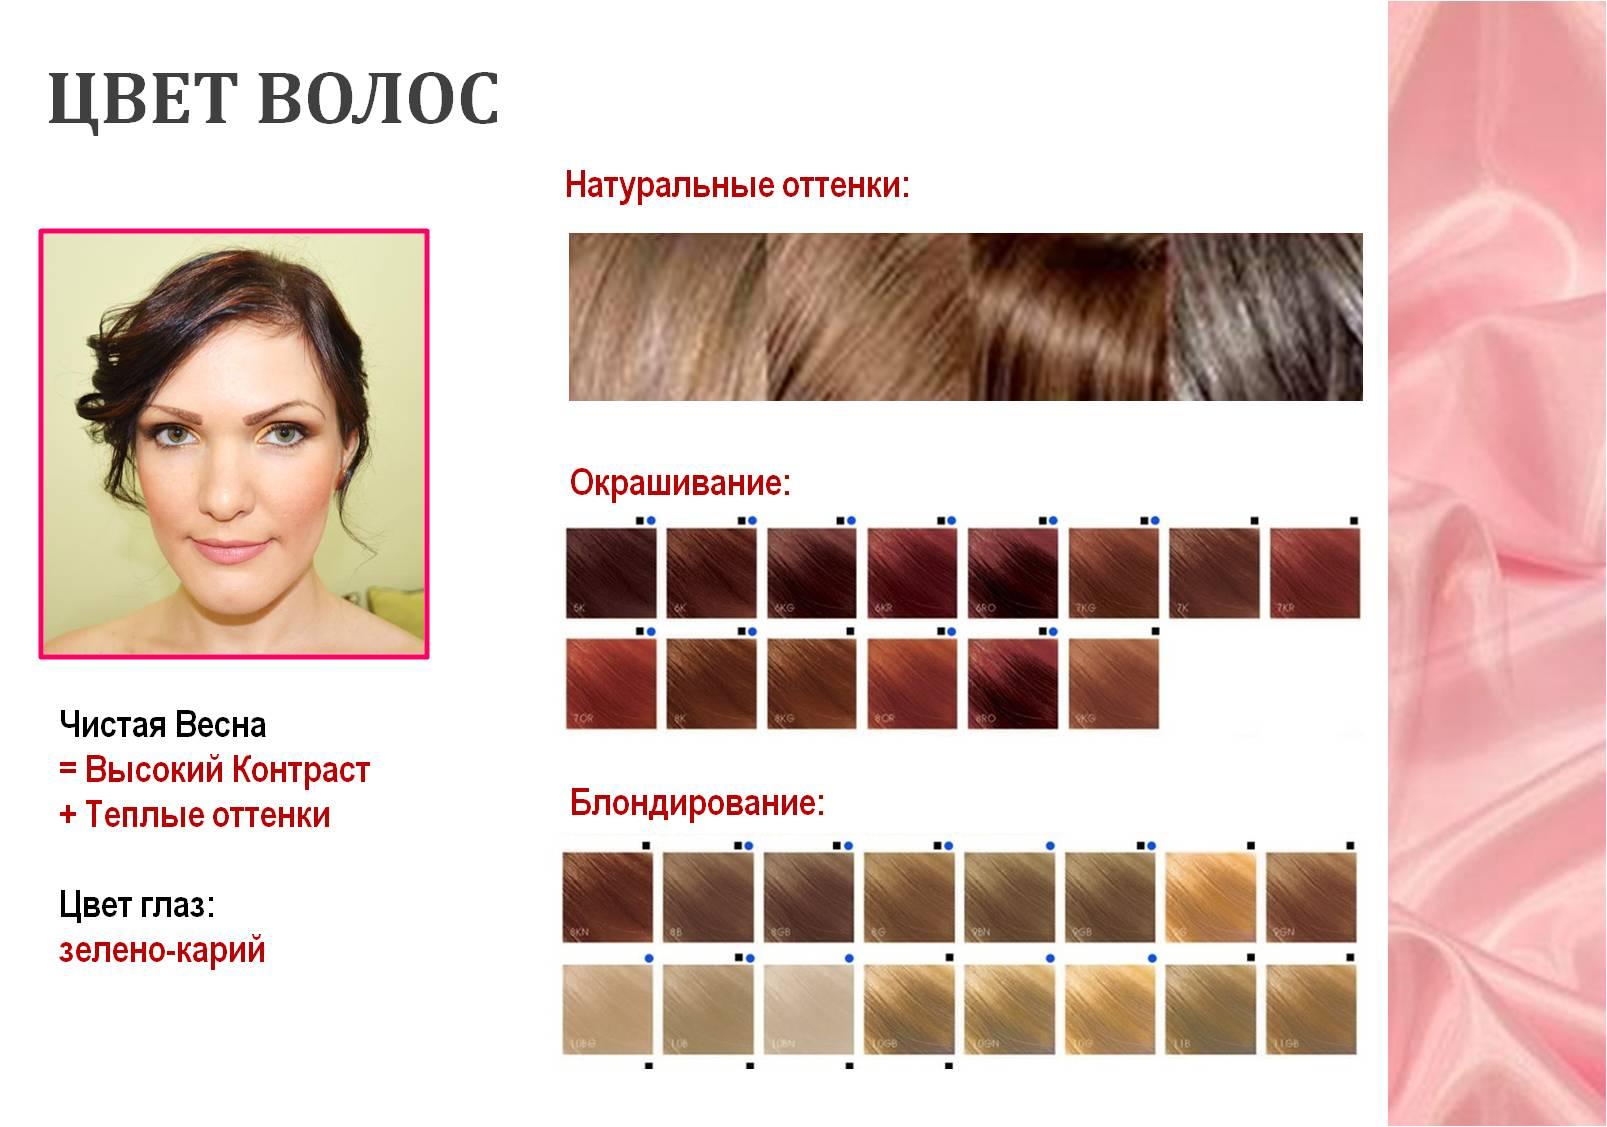 Подбор к цвету кожи цвет волос